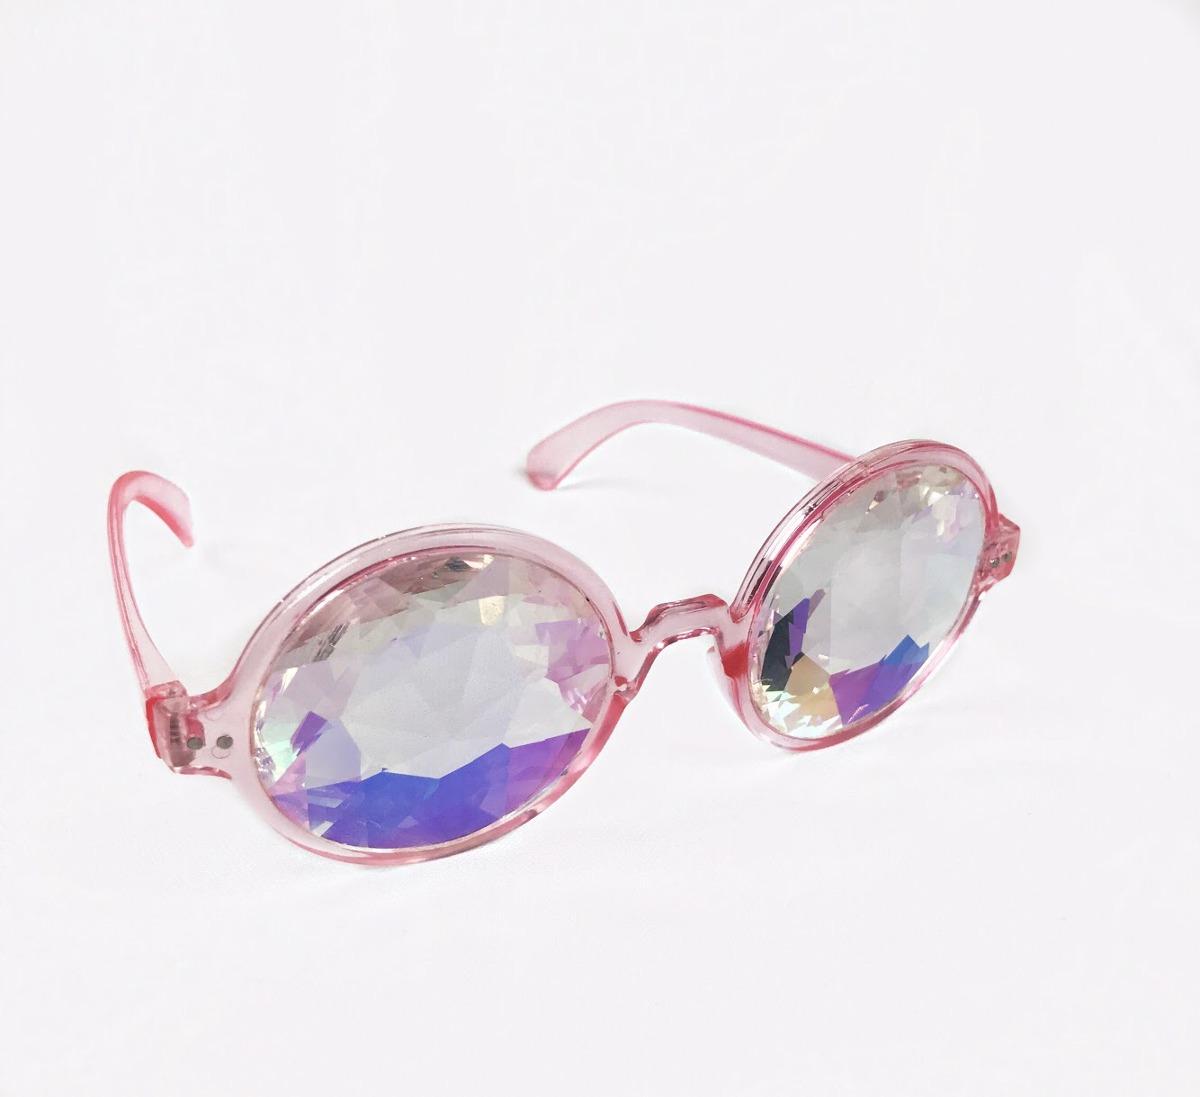 4e96b0581a5d6 óculo de sol barato psicodélico rave festival hipster. Carregando zoom.